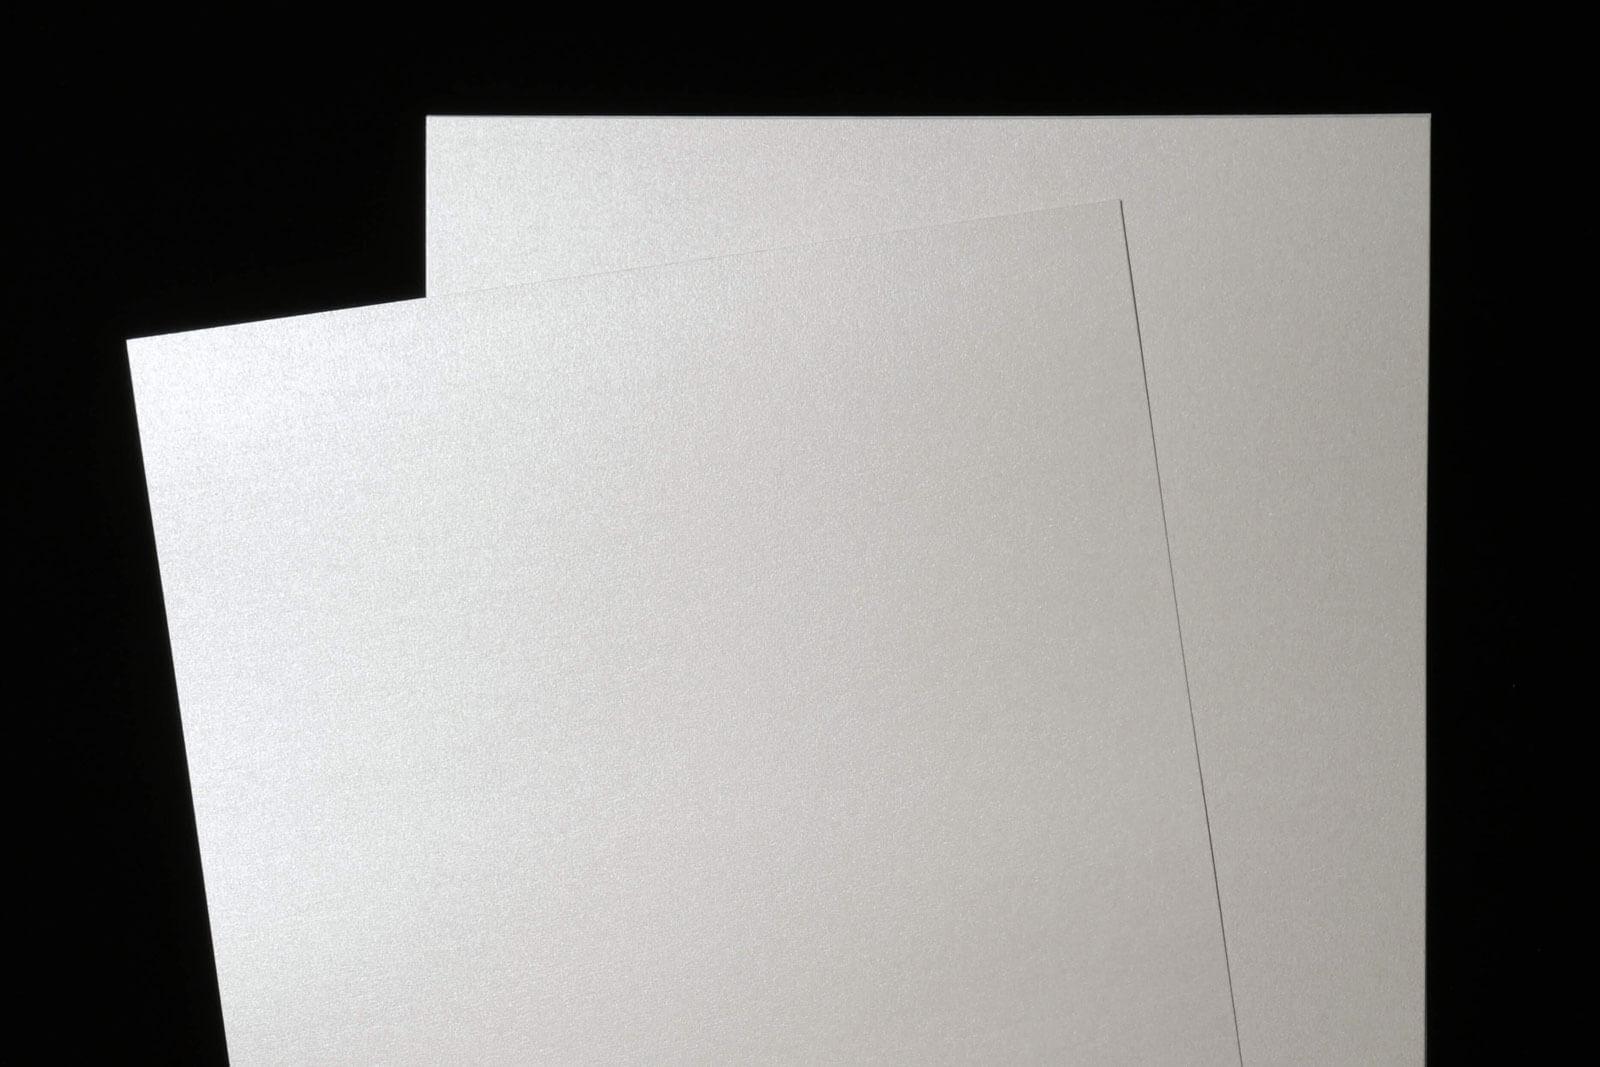 購買担当おススメ!旬な用紙vol.4 『綺羅ベール』